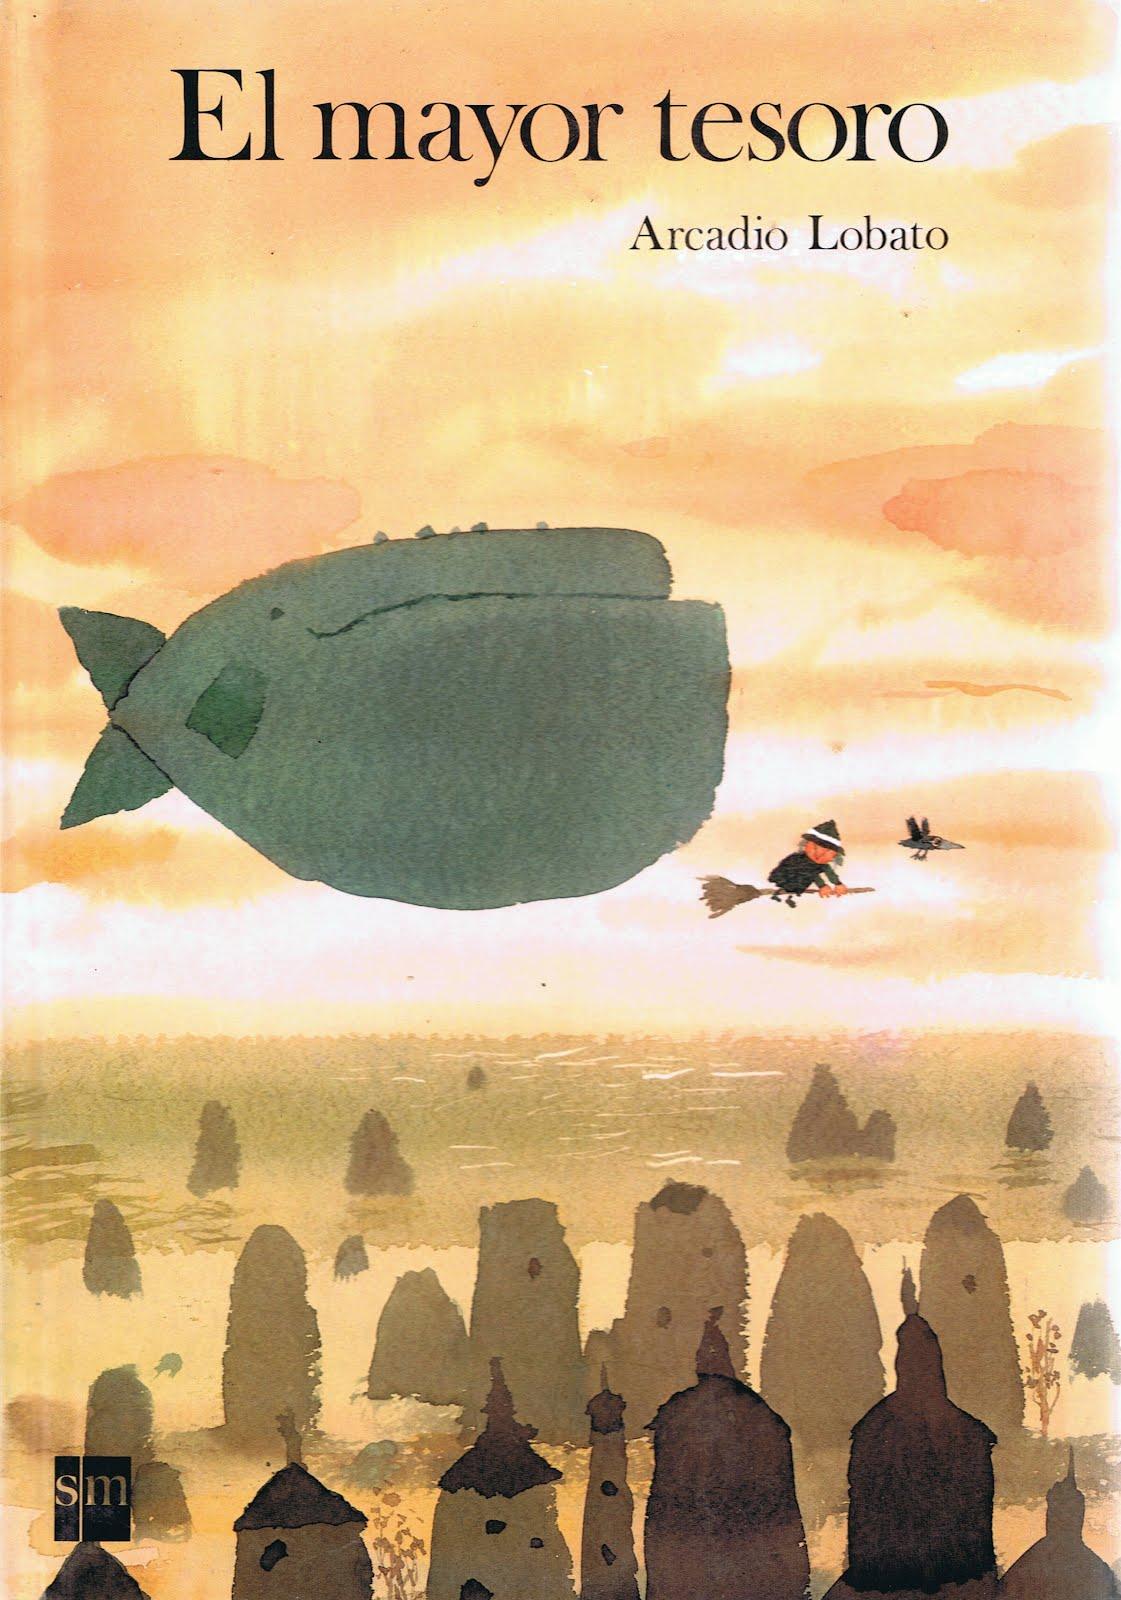 Arcadio Lobato es un gran acuarelista cuya sensibilidad se palpa en las  ilustraciones para niños. Su obra ha sido reconocida internacionalmente en  la ... 1720554b5e980